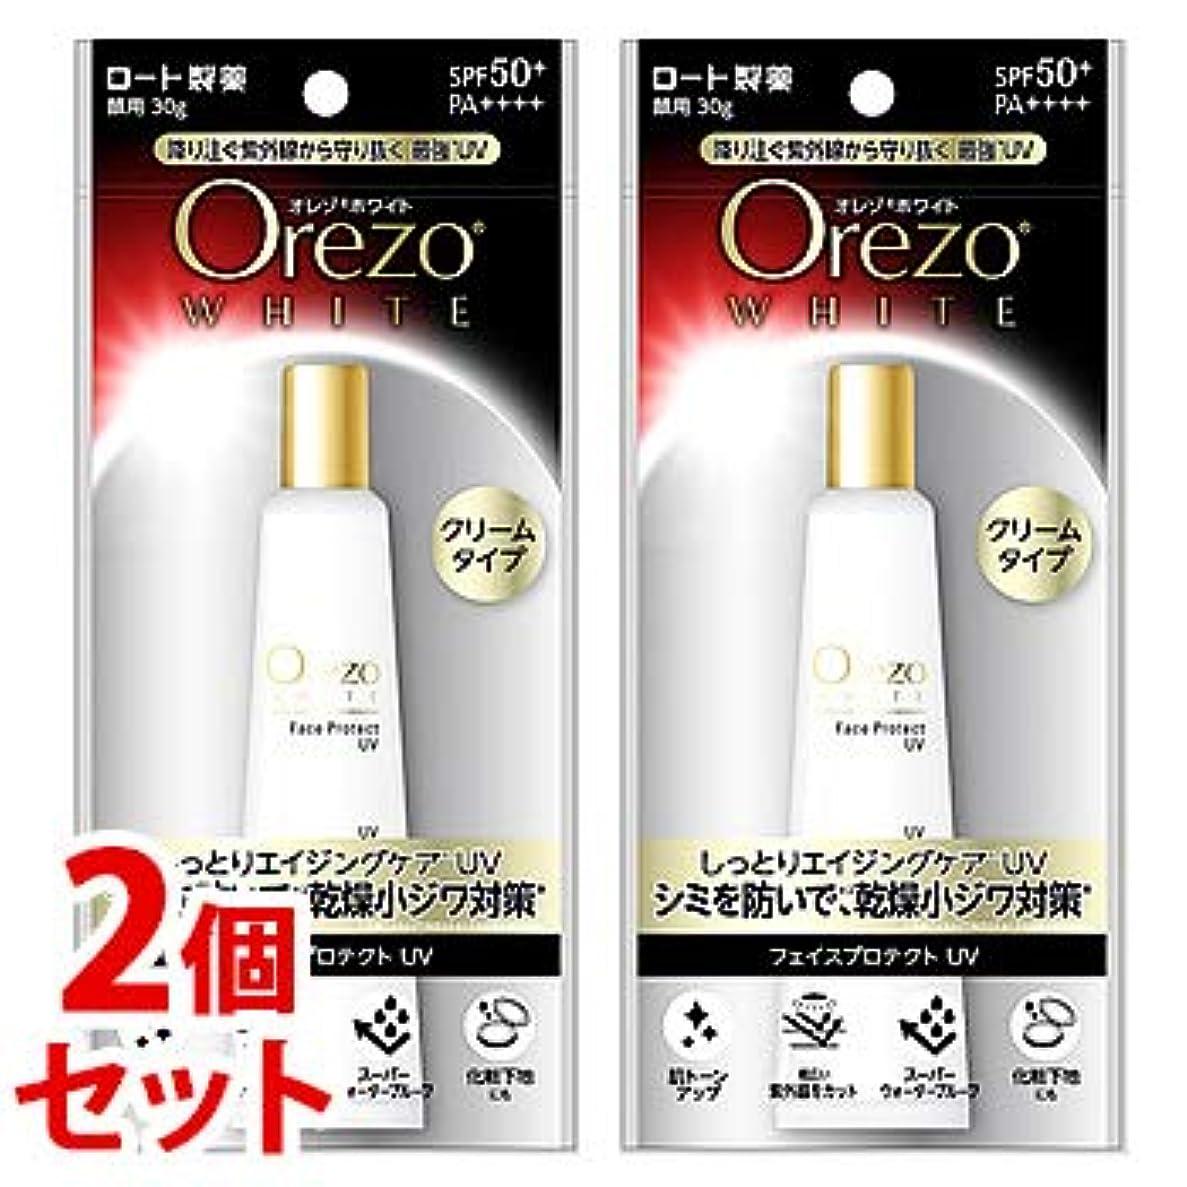 懐疑論助けて困惑する《セット販売》 ロート製薬 Orezo オレゾ ホワイト フェイスプロテクトUV SPF50+ PA++++ (30g)×2個セット 顔用 日やけ止め 化粧下地 クリームタイプ